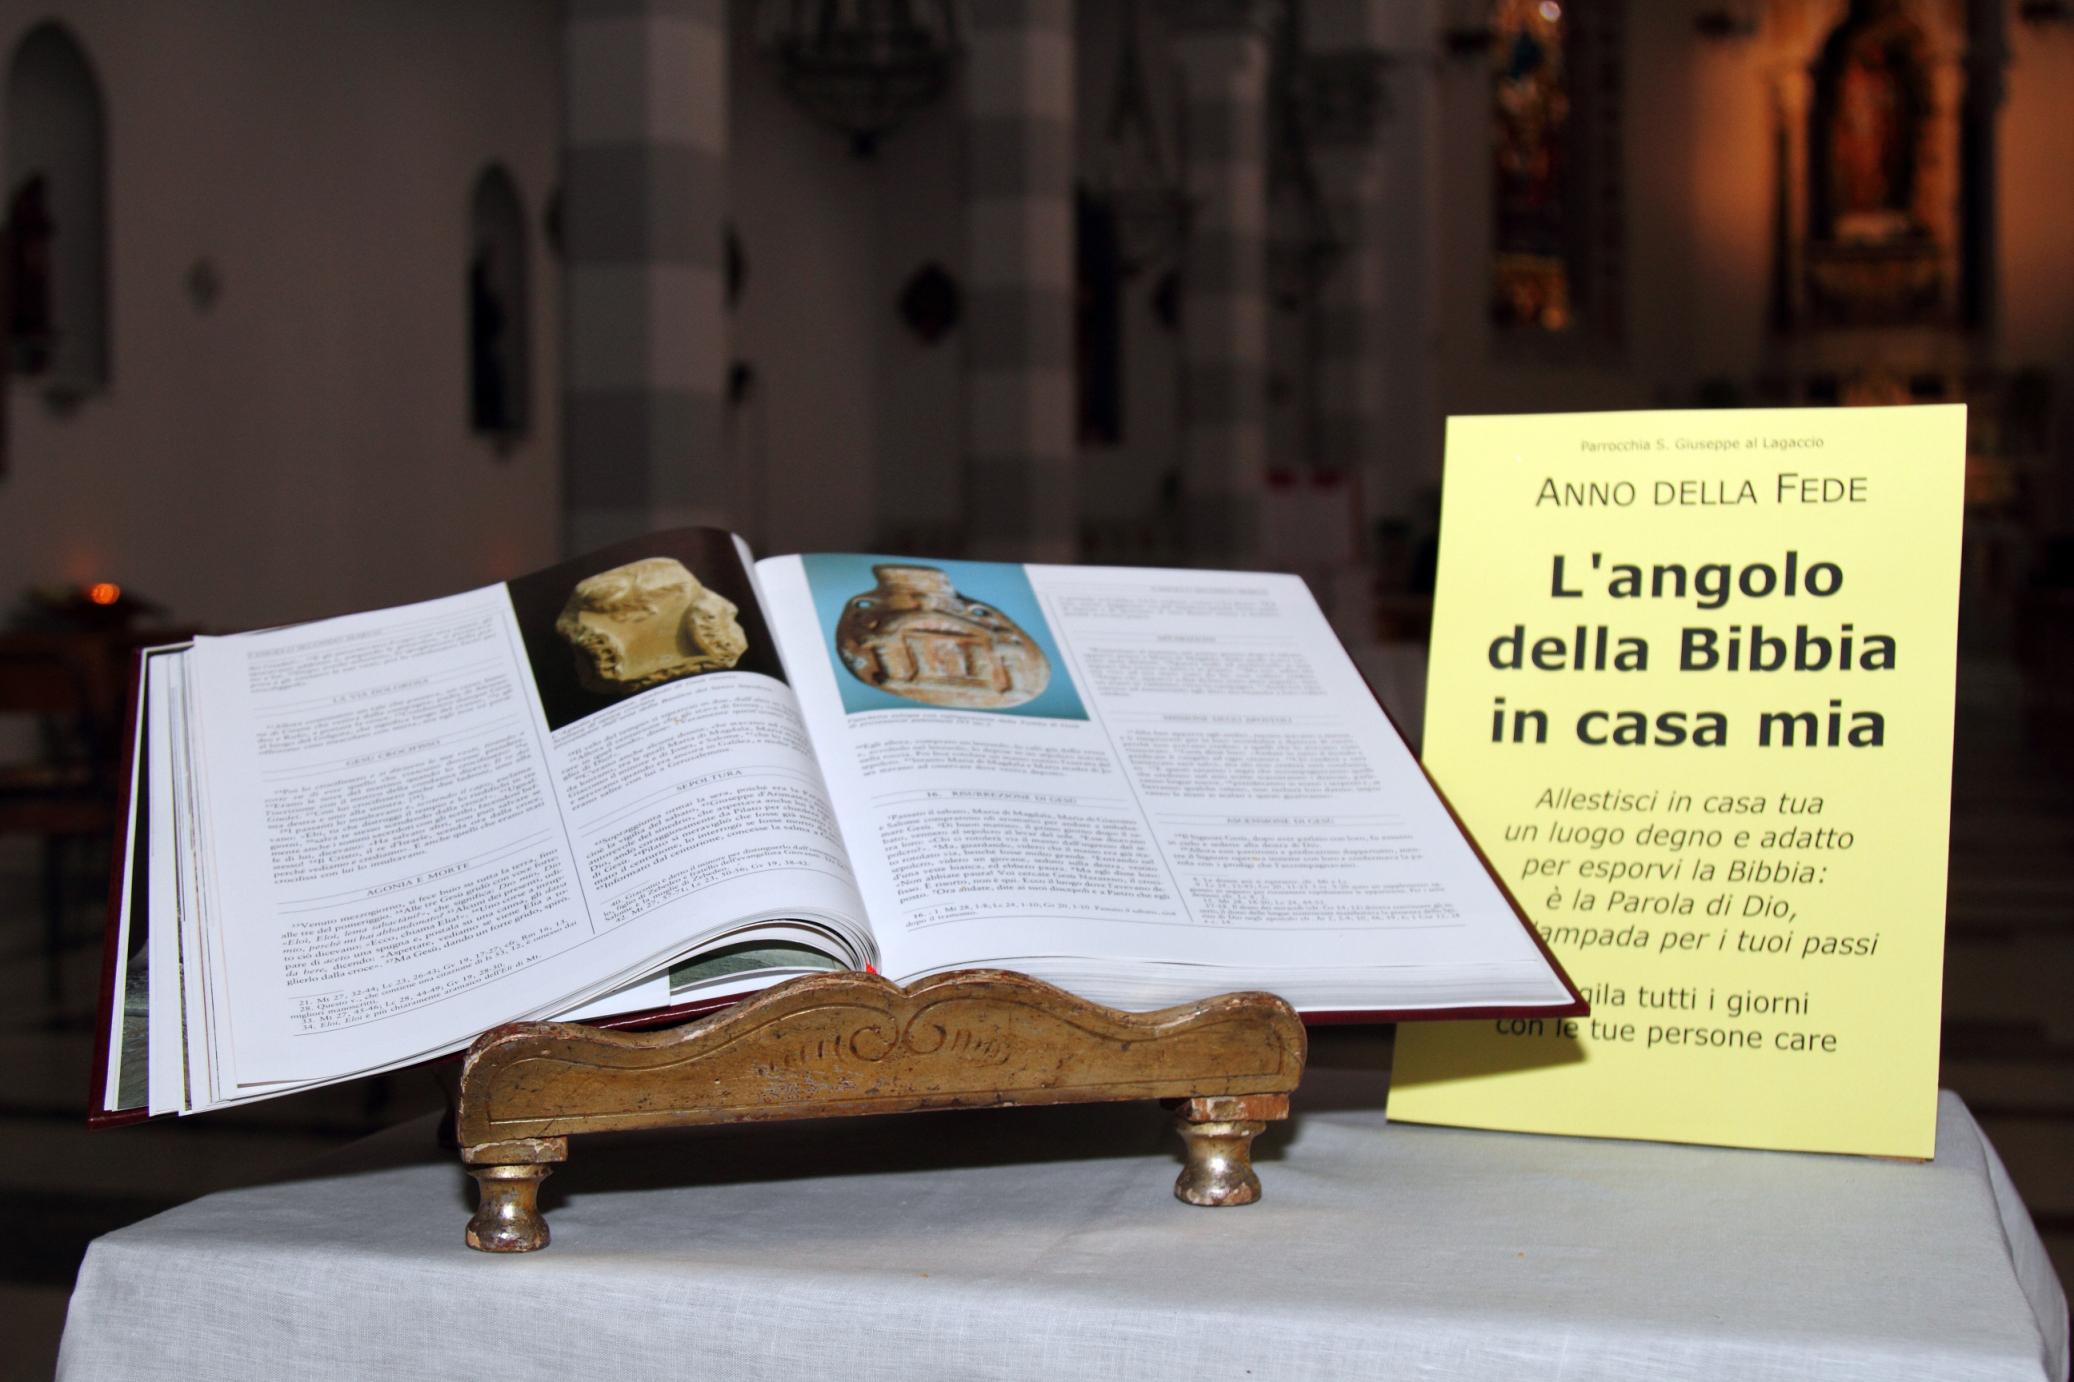 anno_della_fede_2012-10-07--16-41-18.jpg